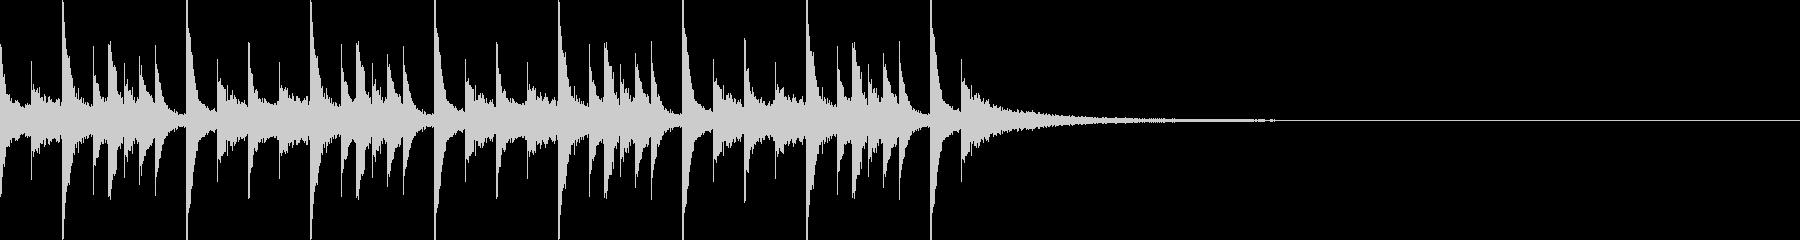 ドラムンベースのリズムループパターン07の未再生の波形